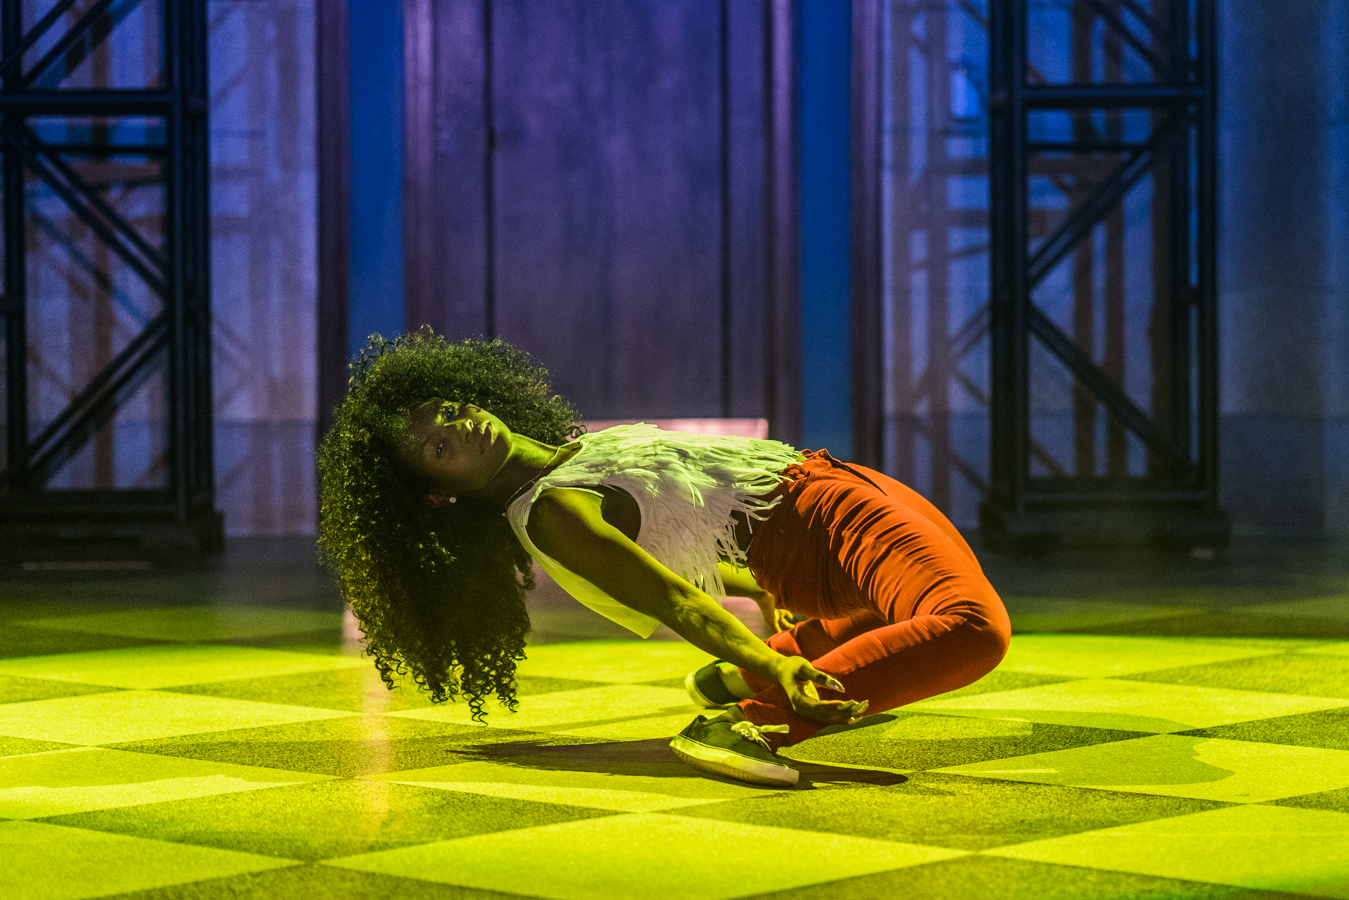 dancer bending far back